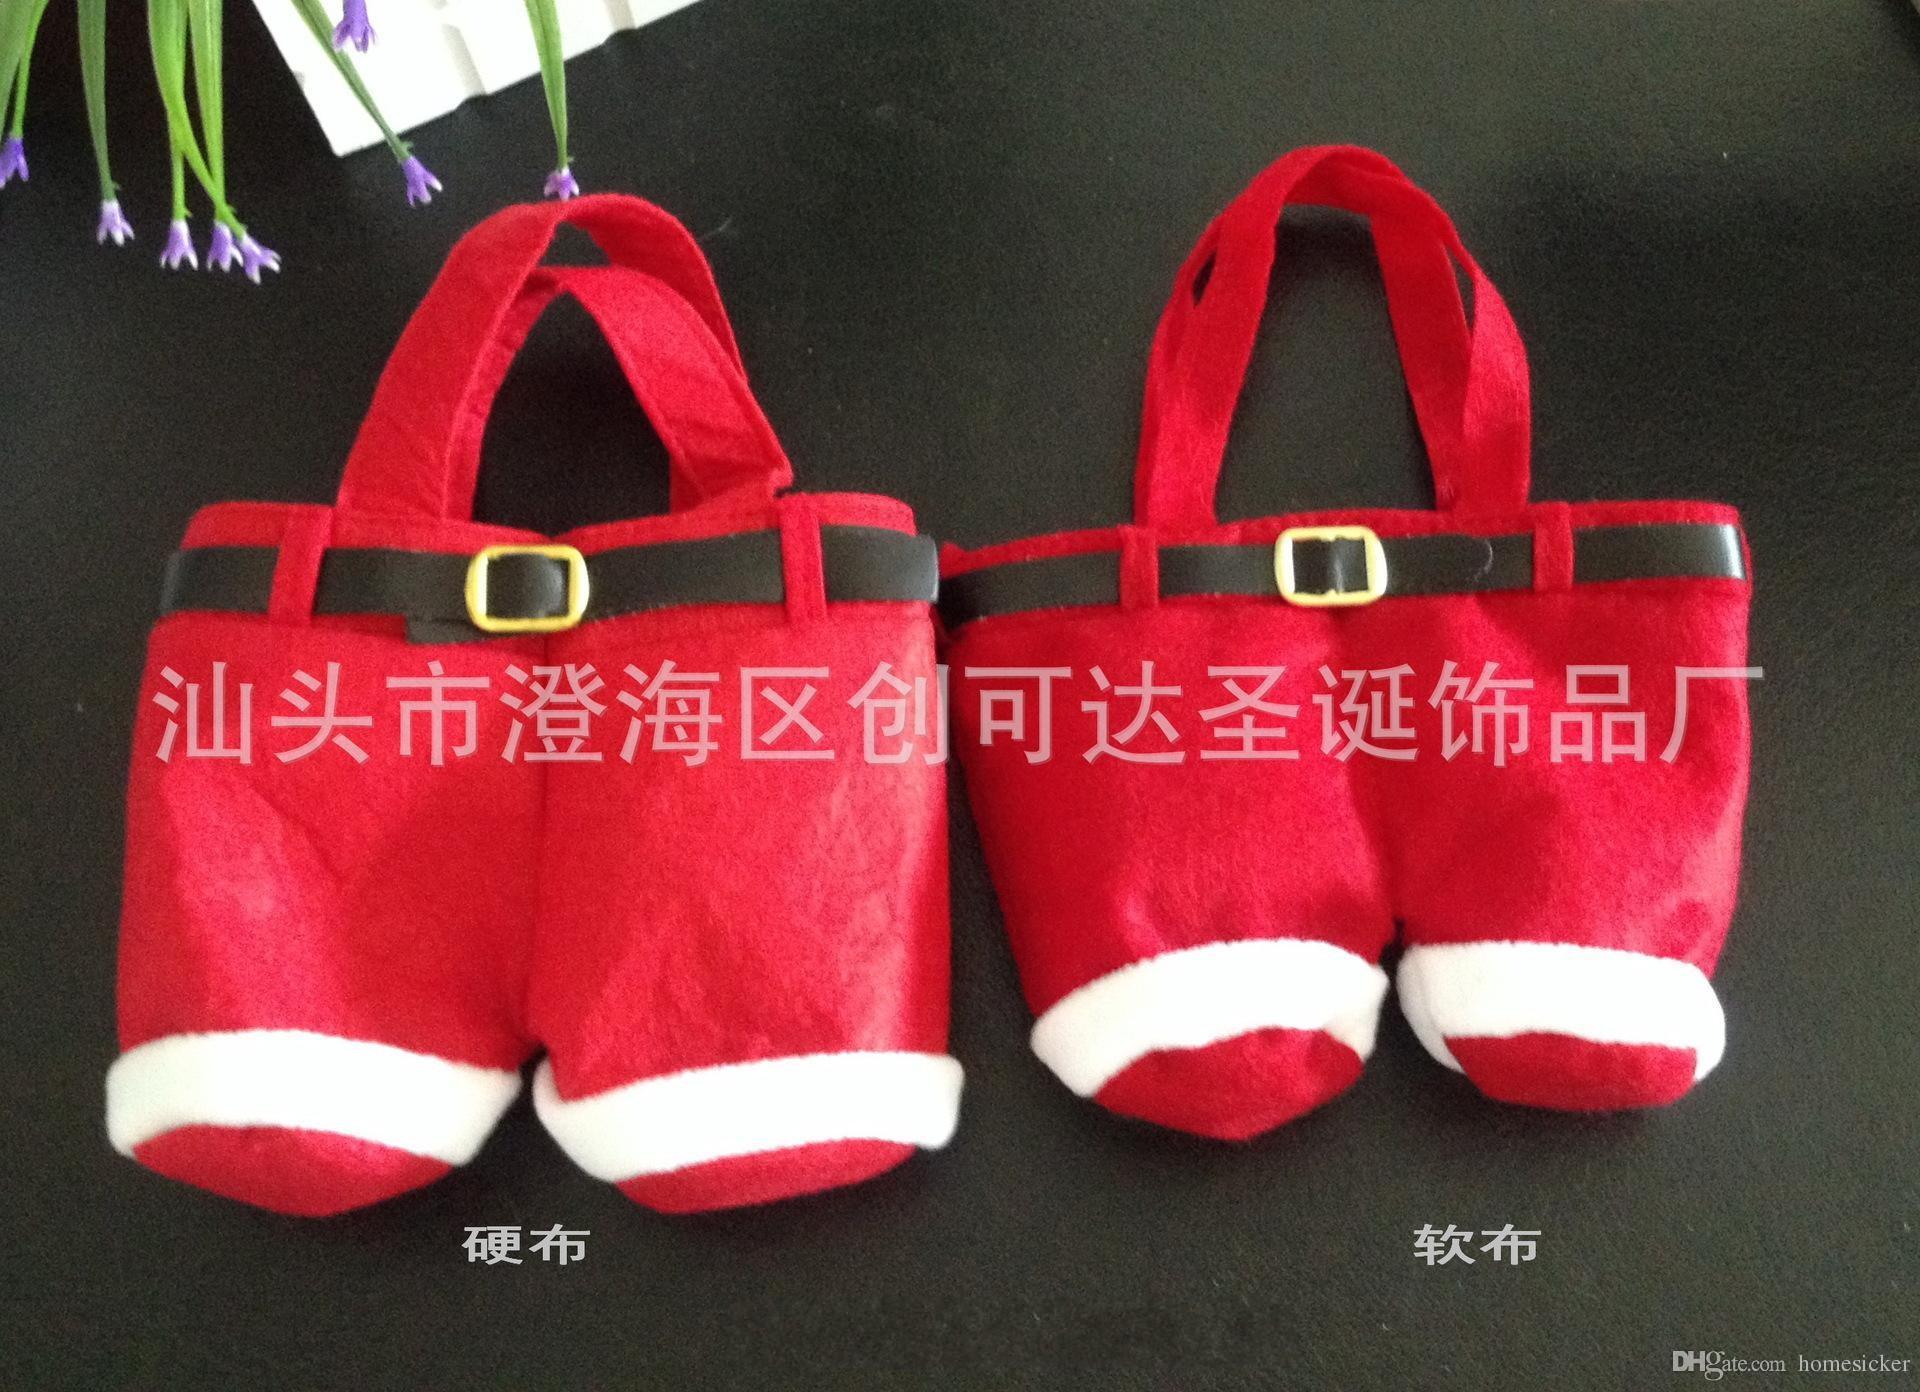 크리스마스는 새로운 산타 바지 디자인 치료에 사탕 부대 웨딩 새해 크리스마스 선물 가방 니트 장식 산타 부대 장식품 20cm